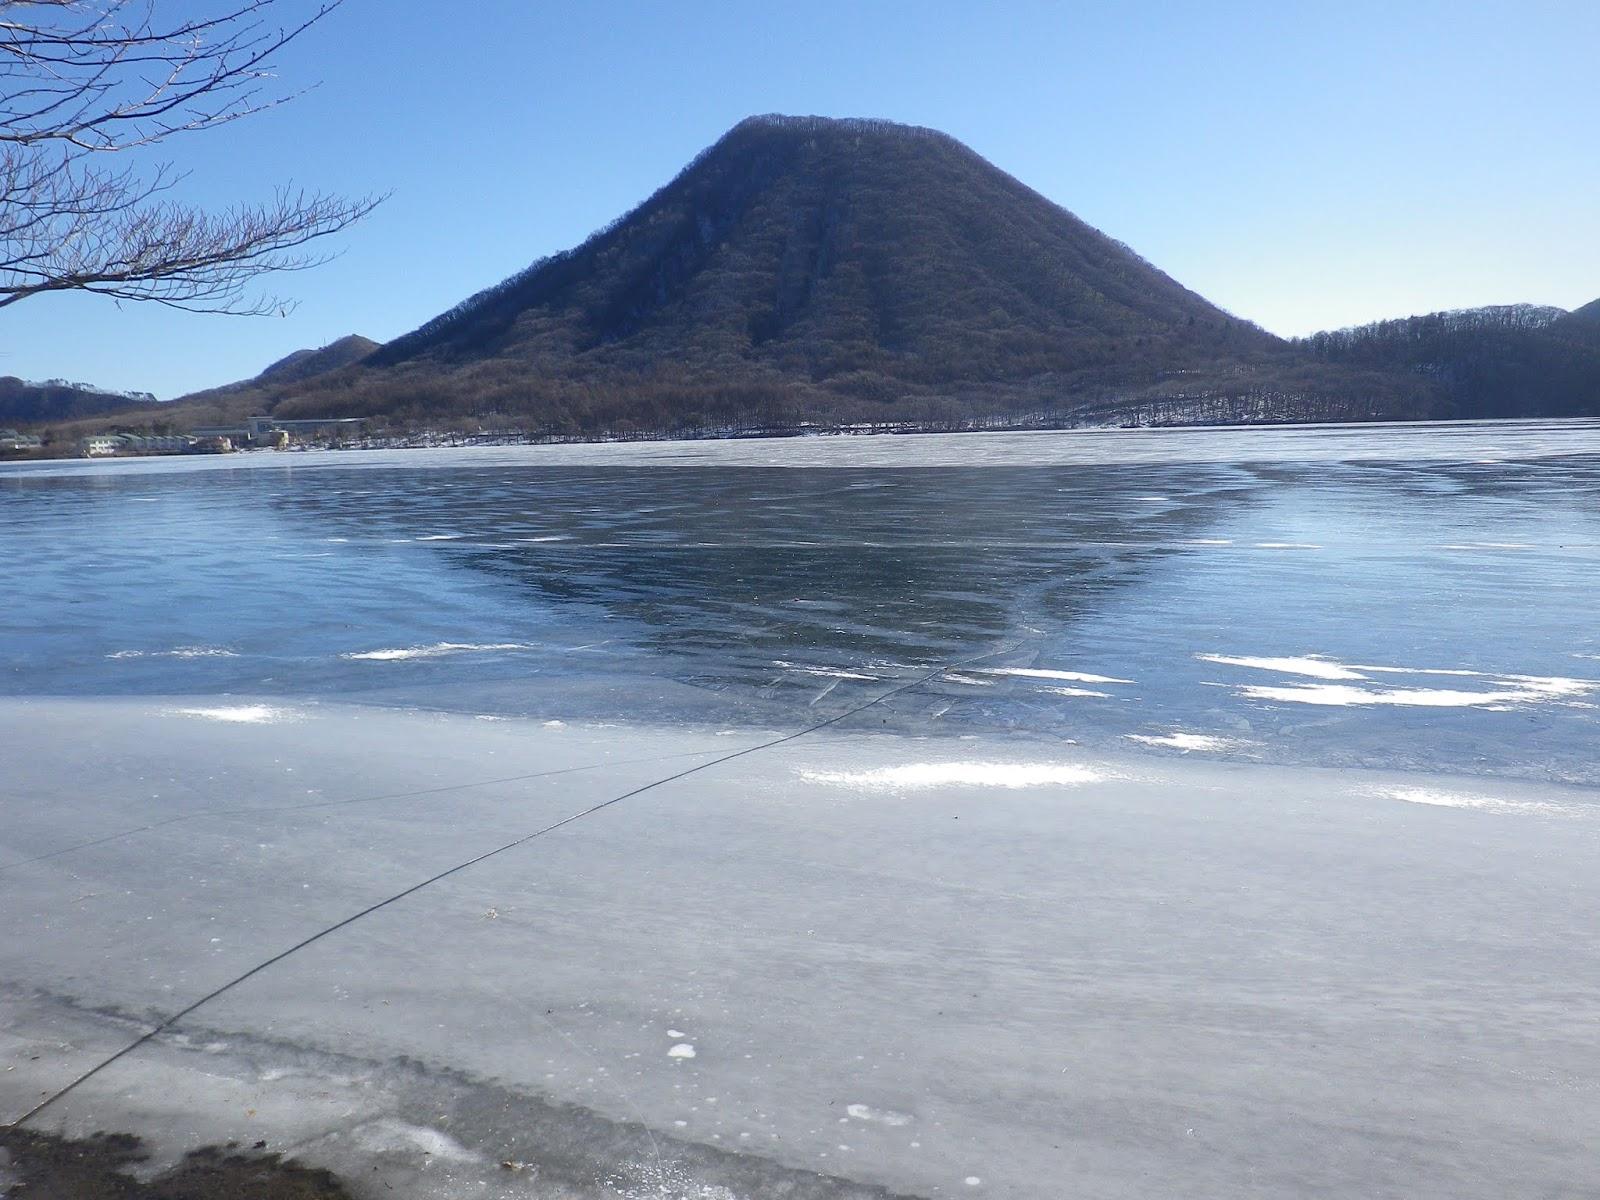 長壁真樹: 榛名湖結氷状況